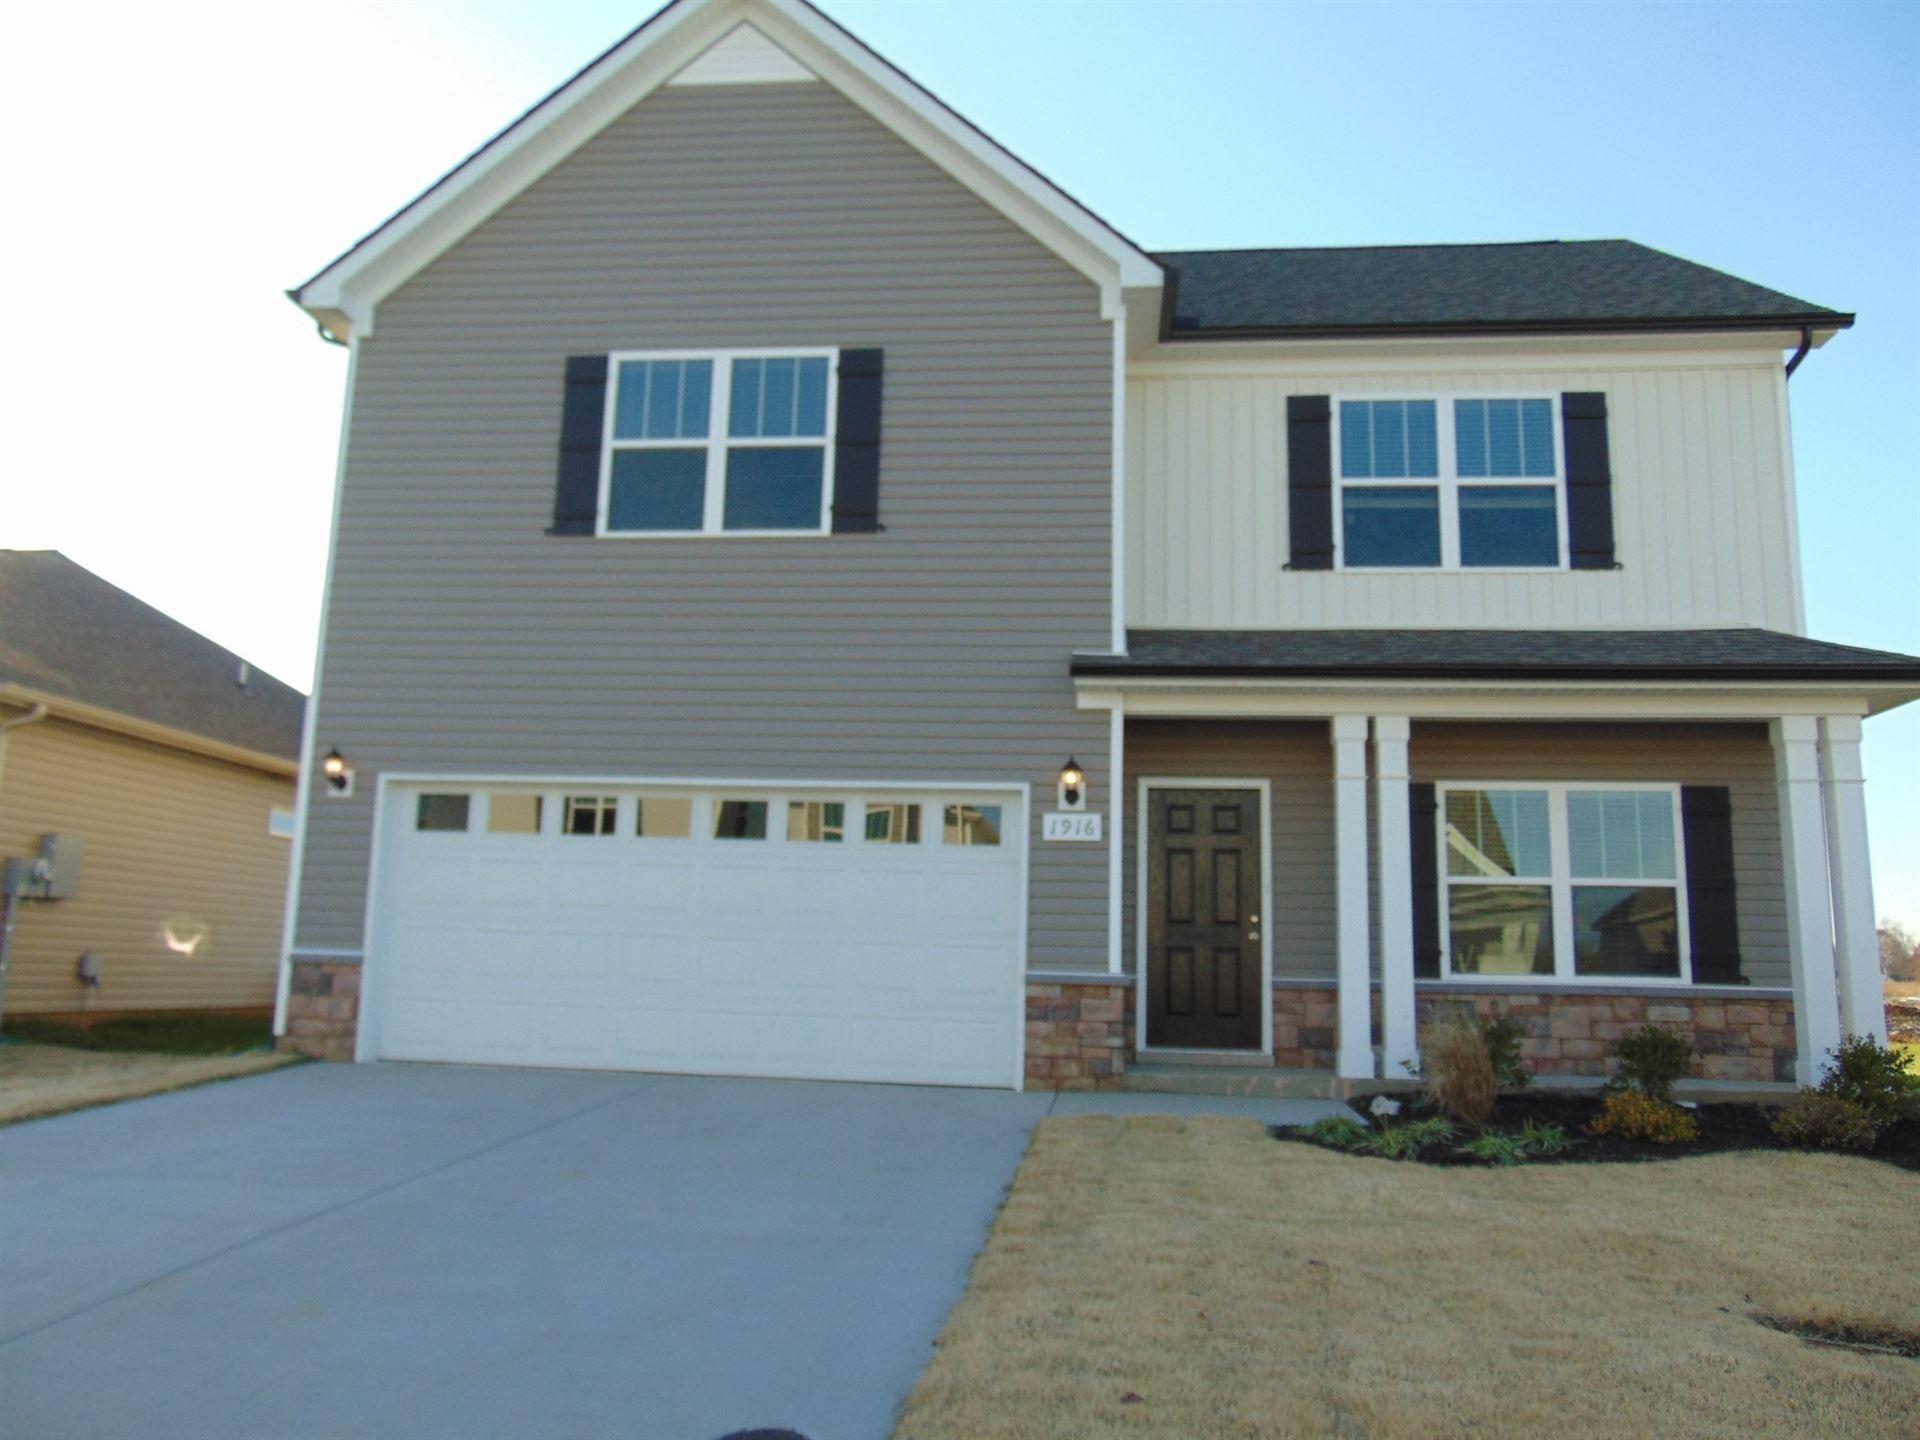 2110 Oak Drive, Murfreesboro, TN 37128 - MLS#: 2231452